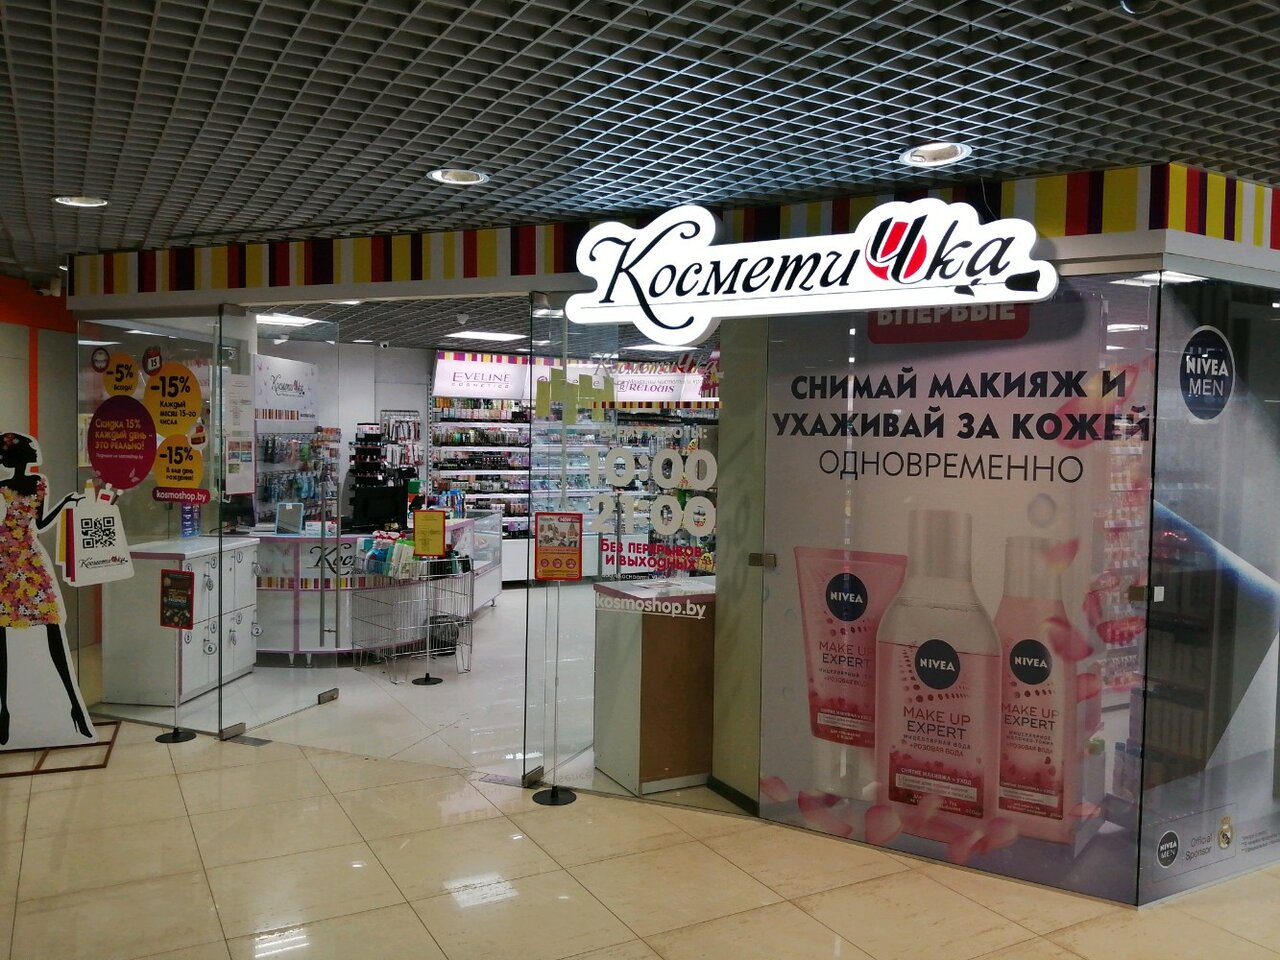 Где купить в могилеве косметику где в красноярске купить профессиональную косметику